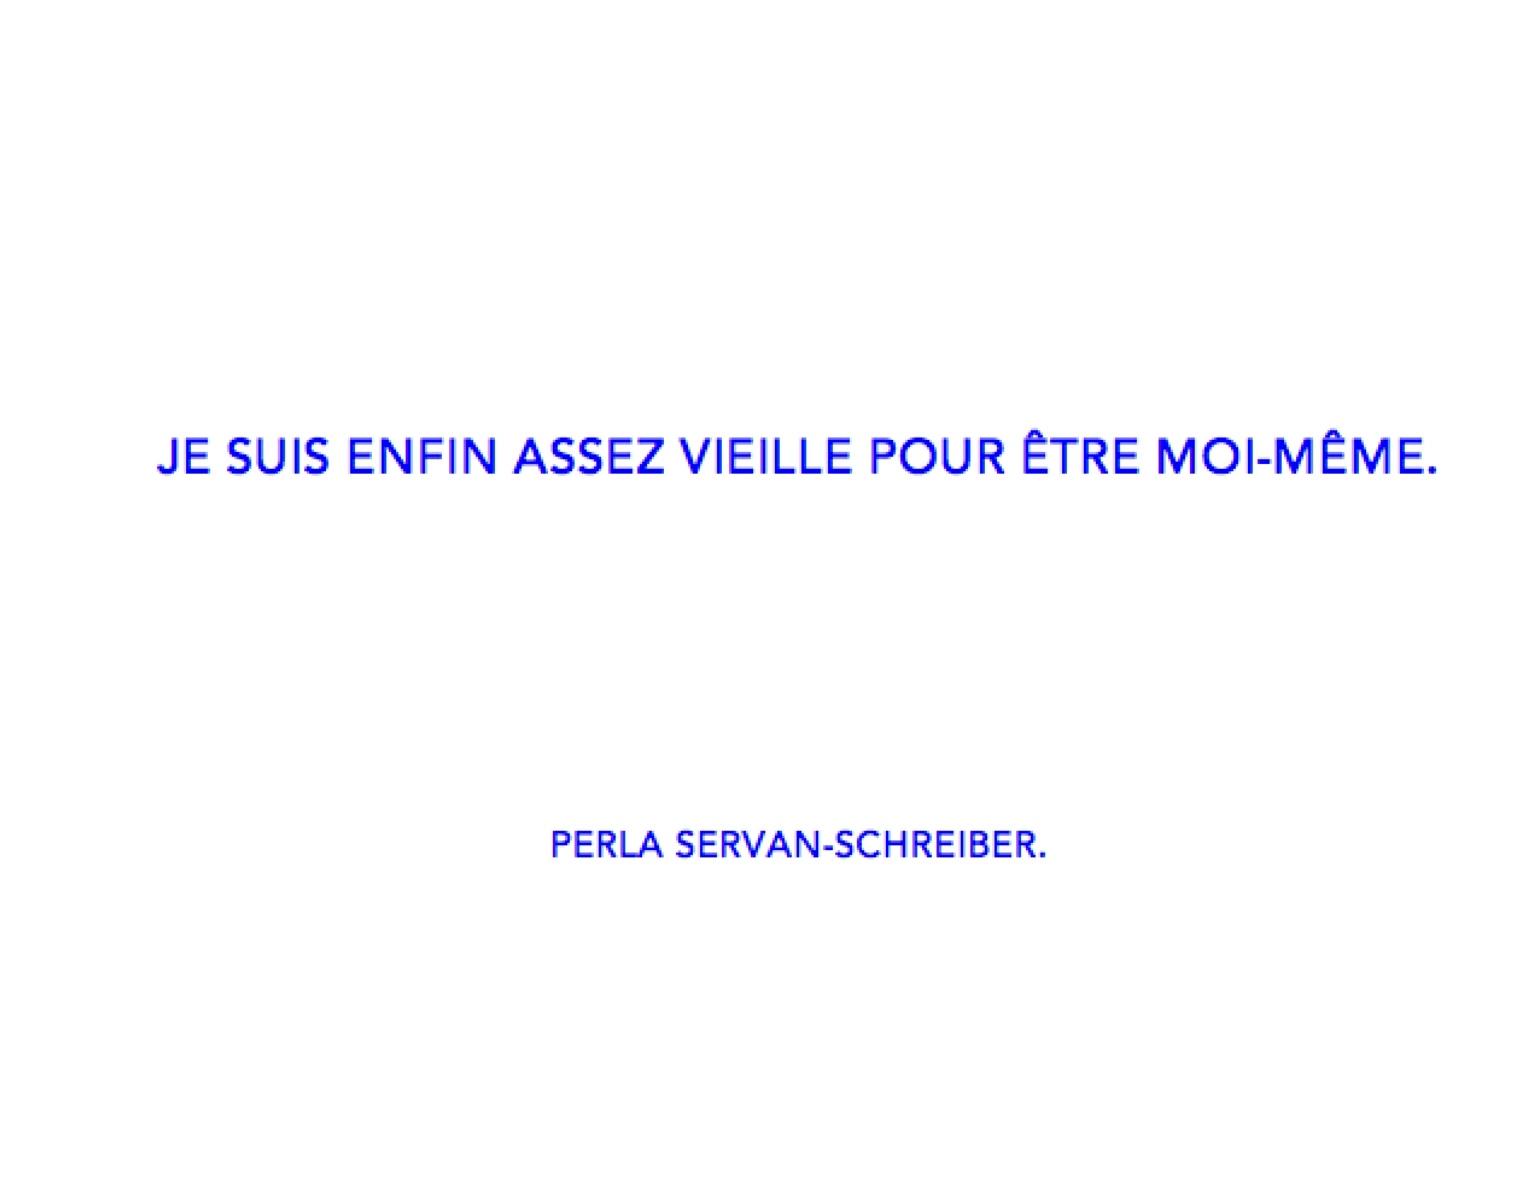 citation Perla Servan-Schreiber